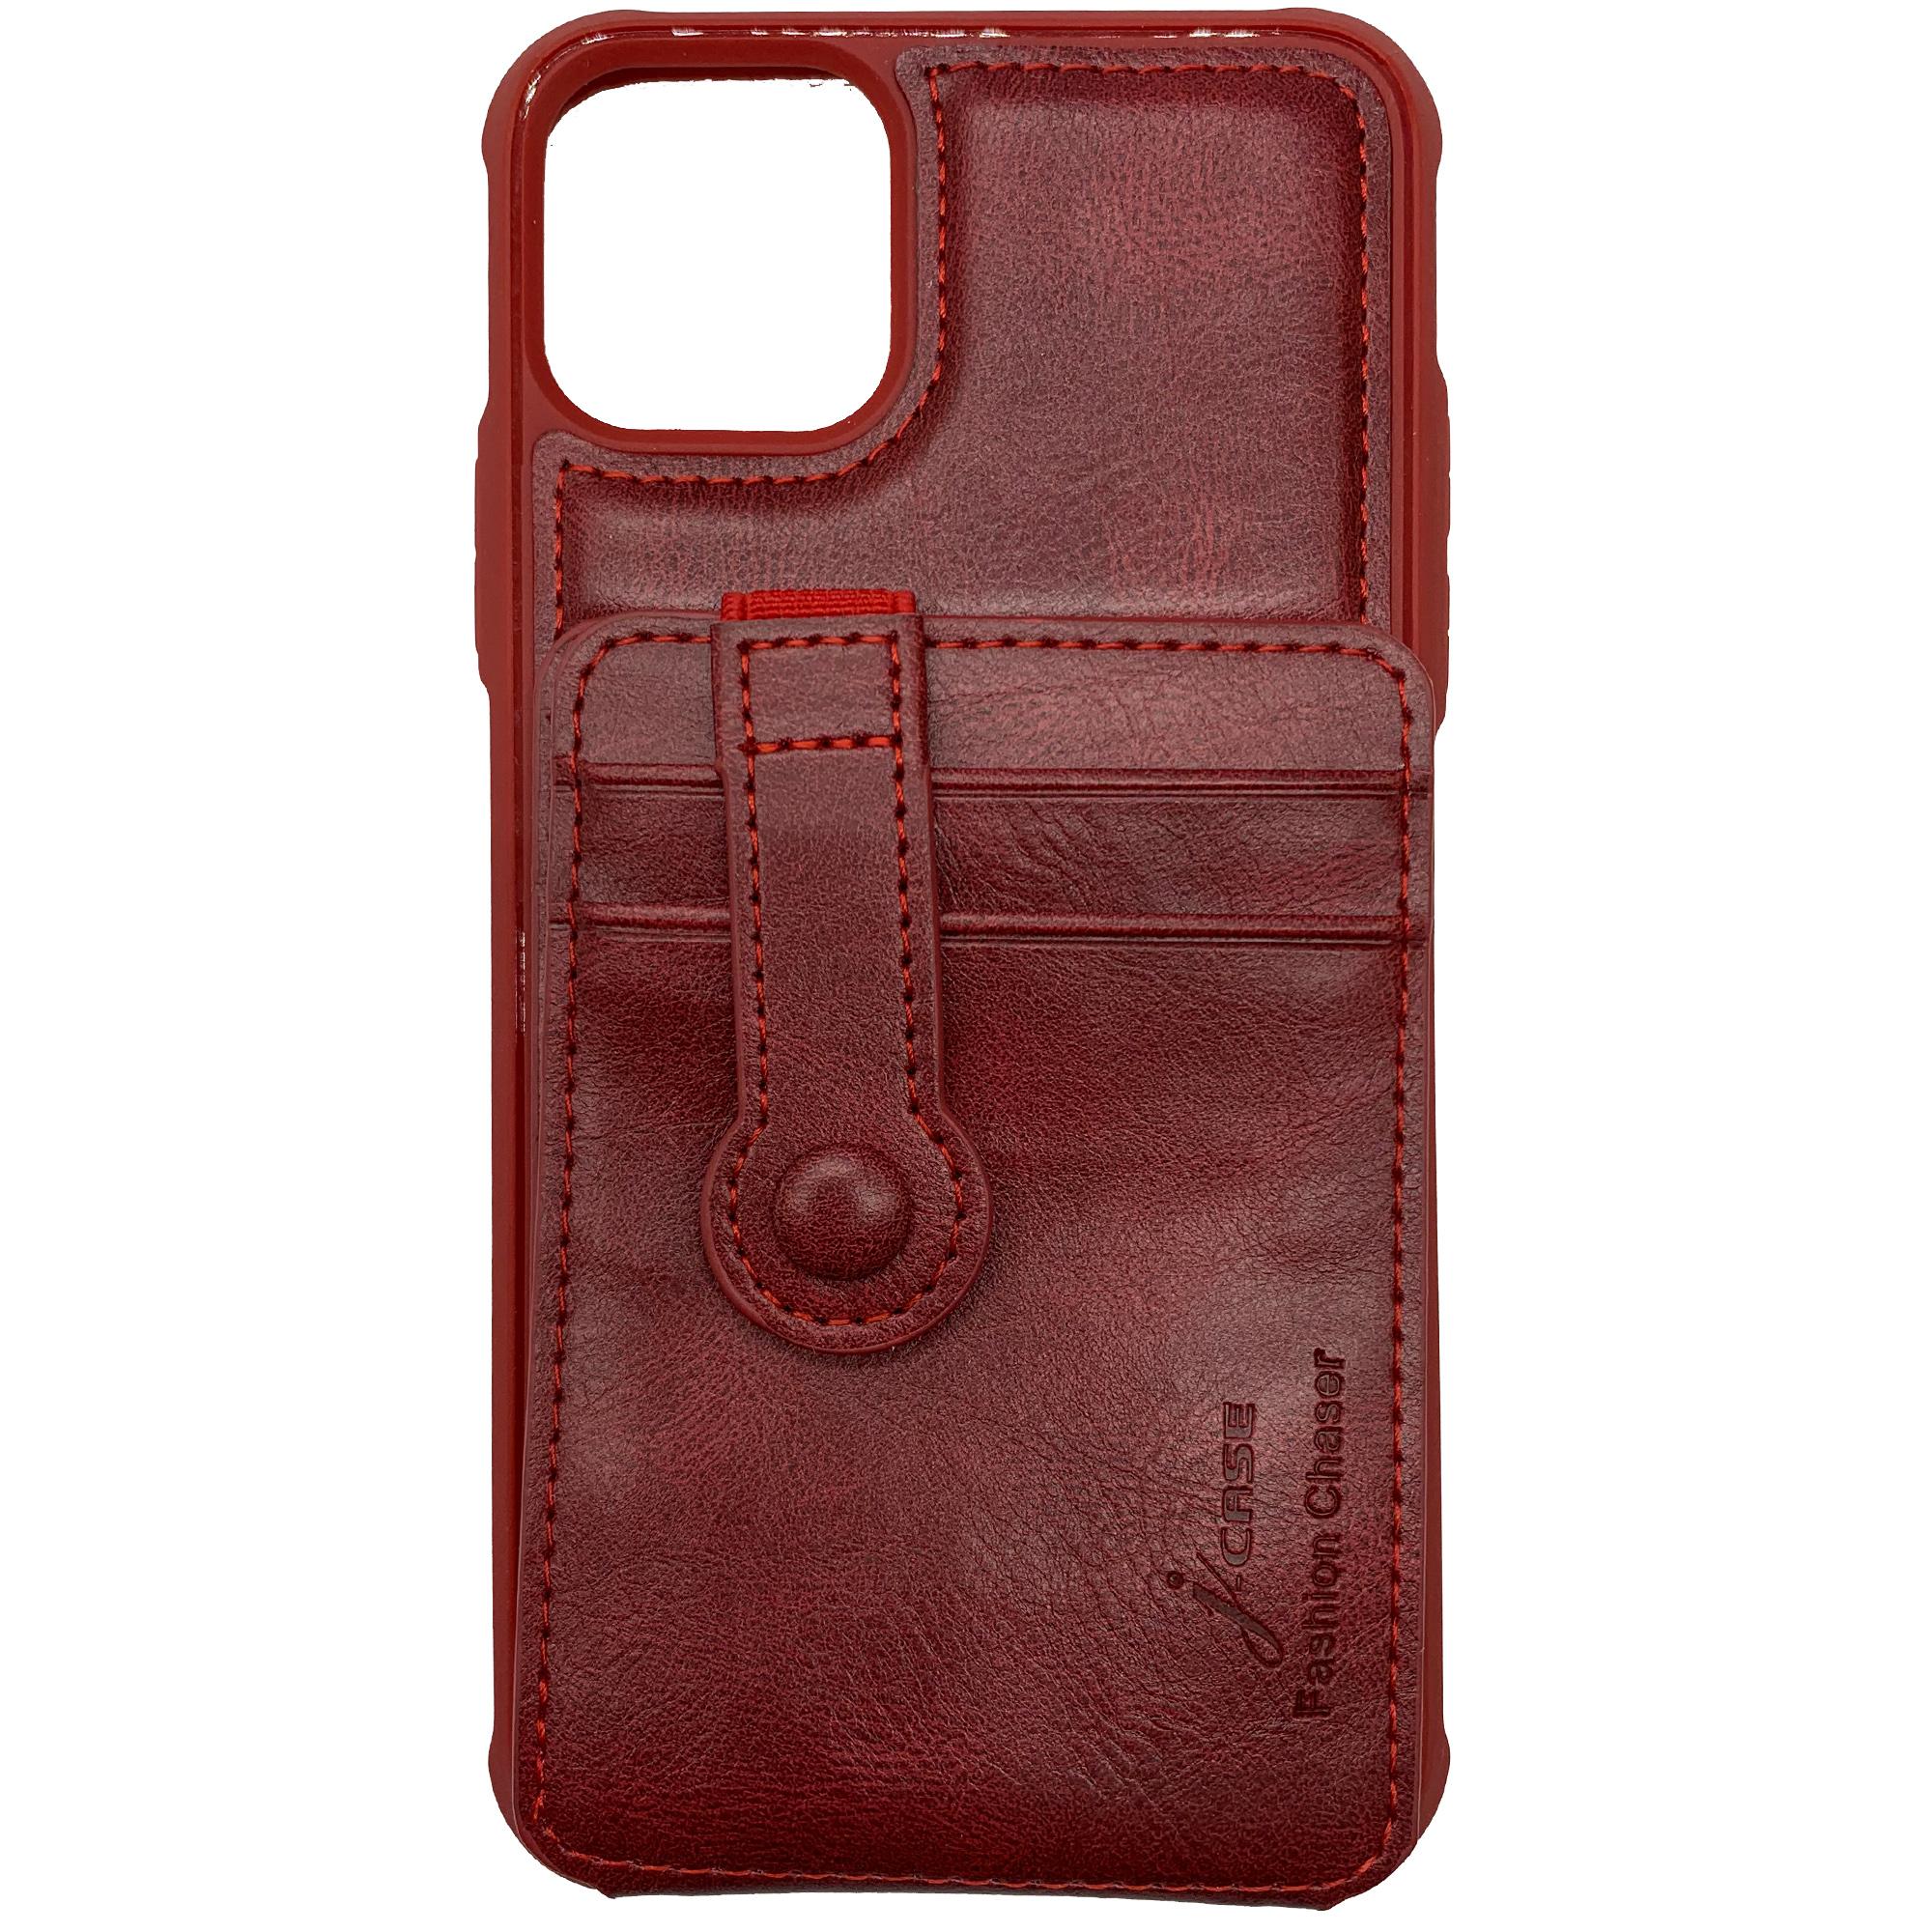 کاور جی کیس مدل MAX10 مناسب برای گوشی موبایل اپل iPhone 11 Pro